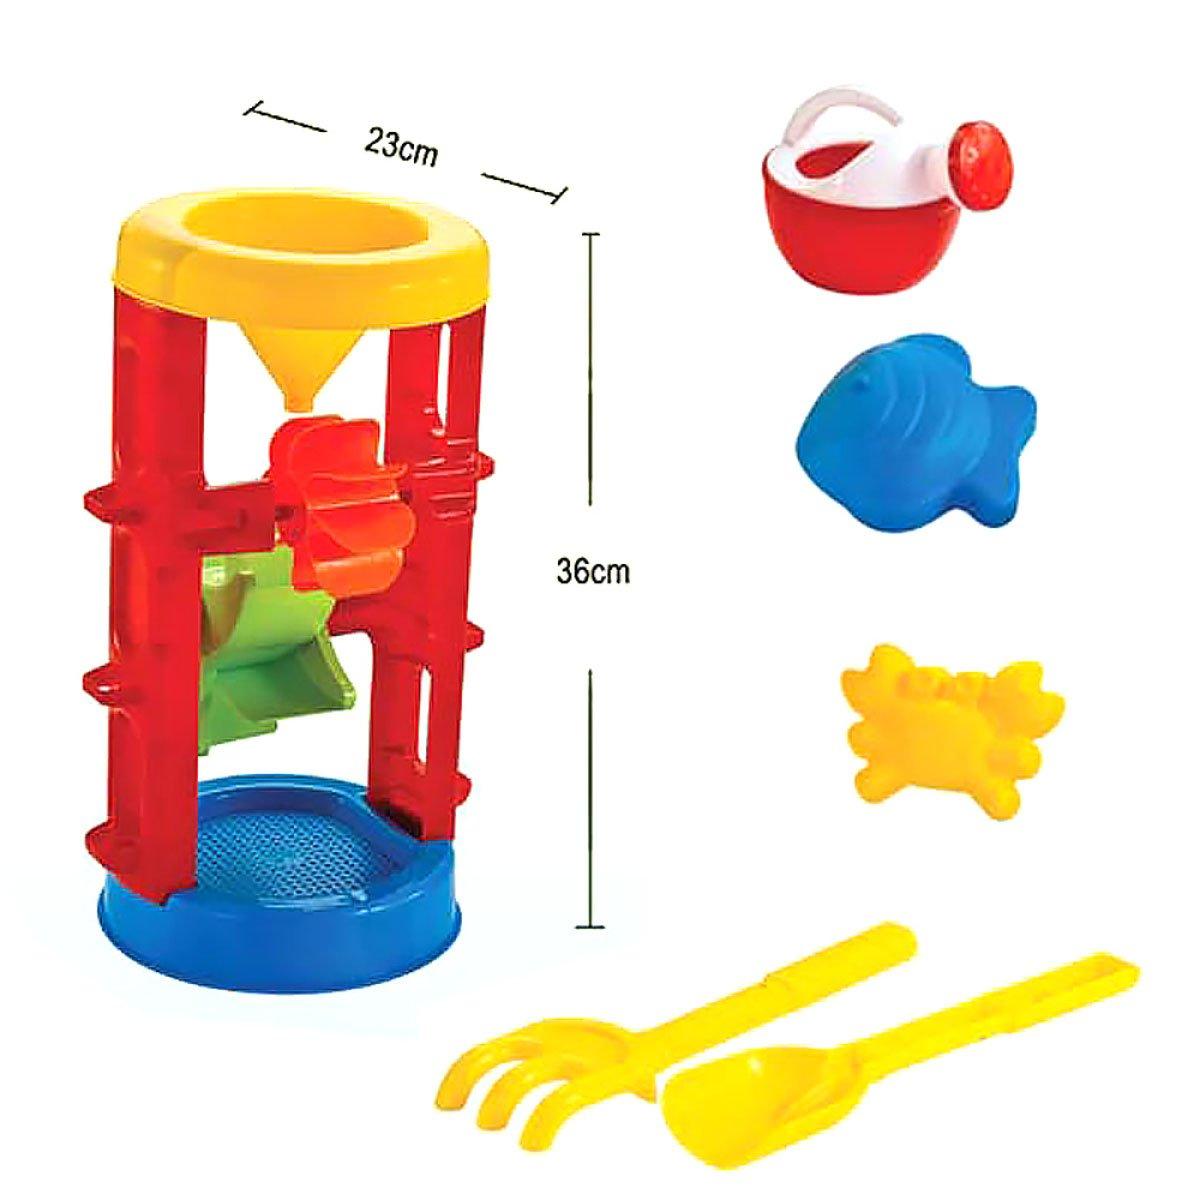 YA Juguetes de Playa para Niños Que juegan Juguetes acuáticos Juego de Coche Grande para Niños Pala Cubo Que Juega Herramientas de Dragado de Arena Juguetes de Baño (Color : A)